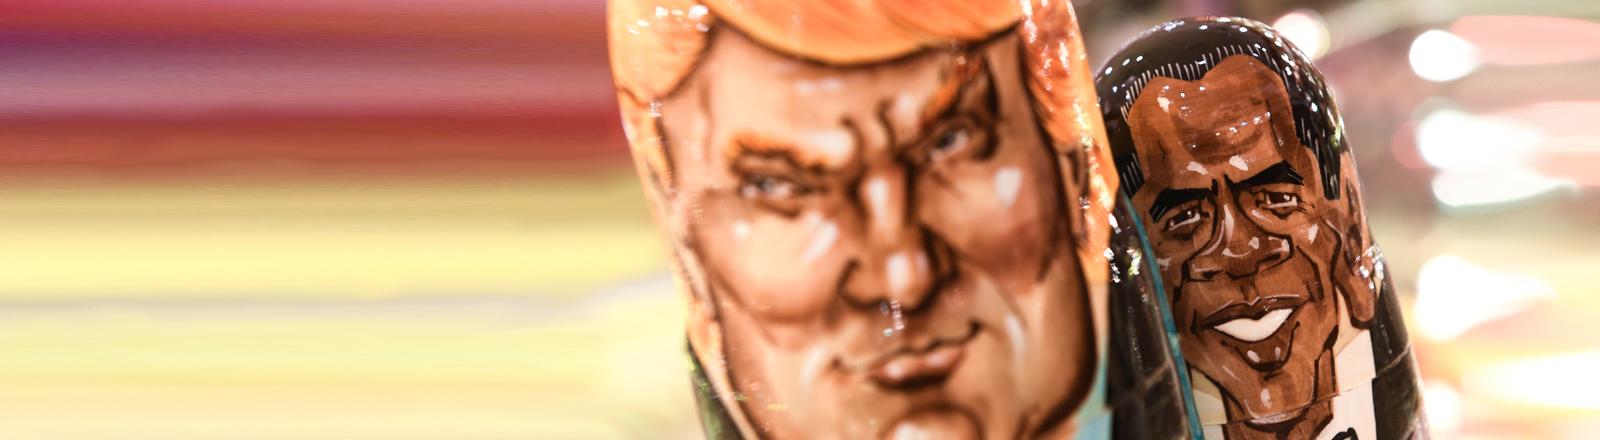 Donald Trump und Barack Obama als Matroschka-Puppen